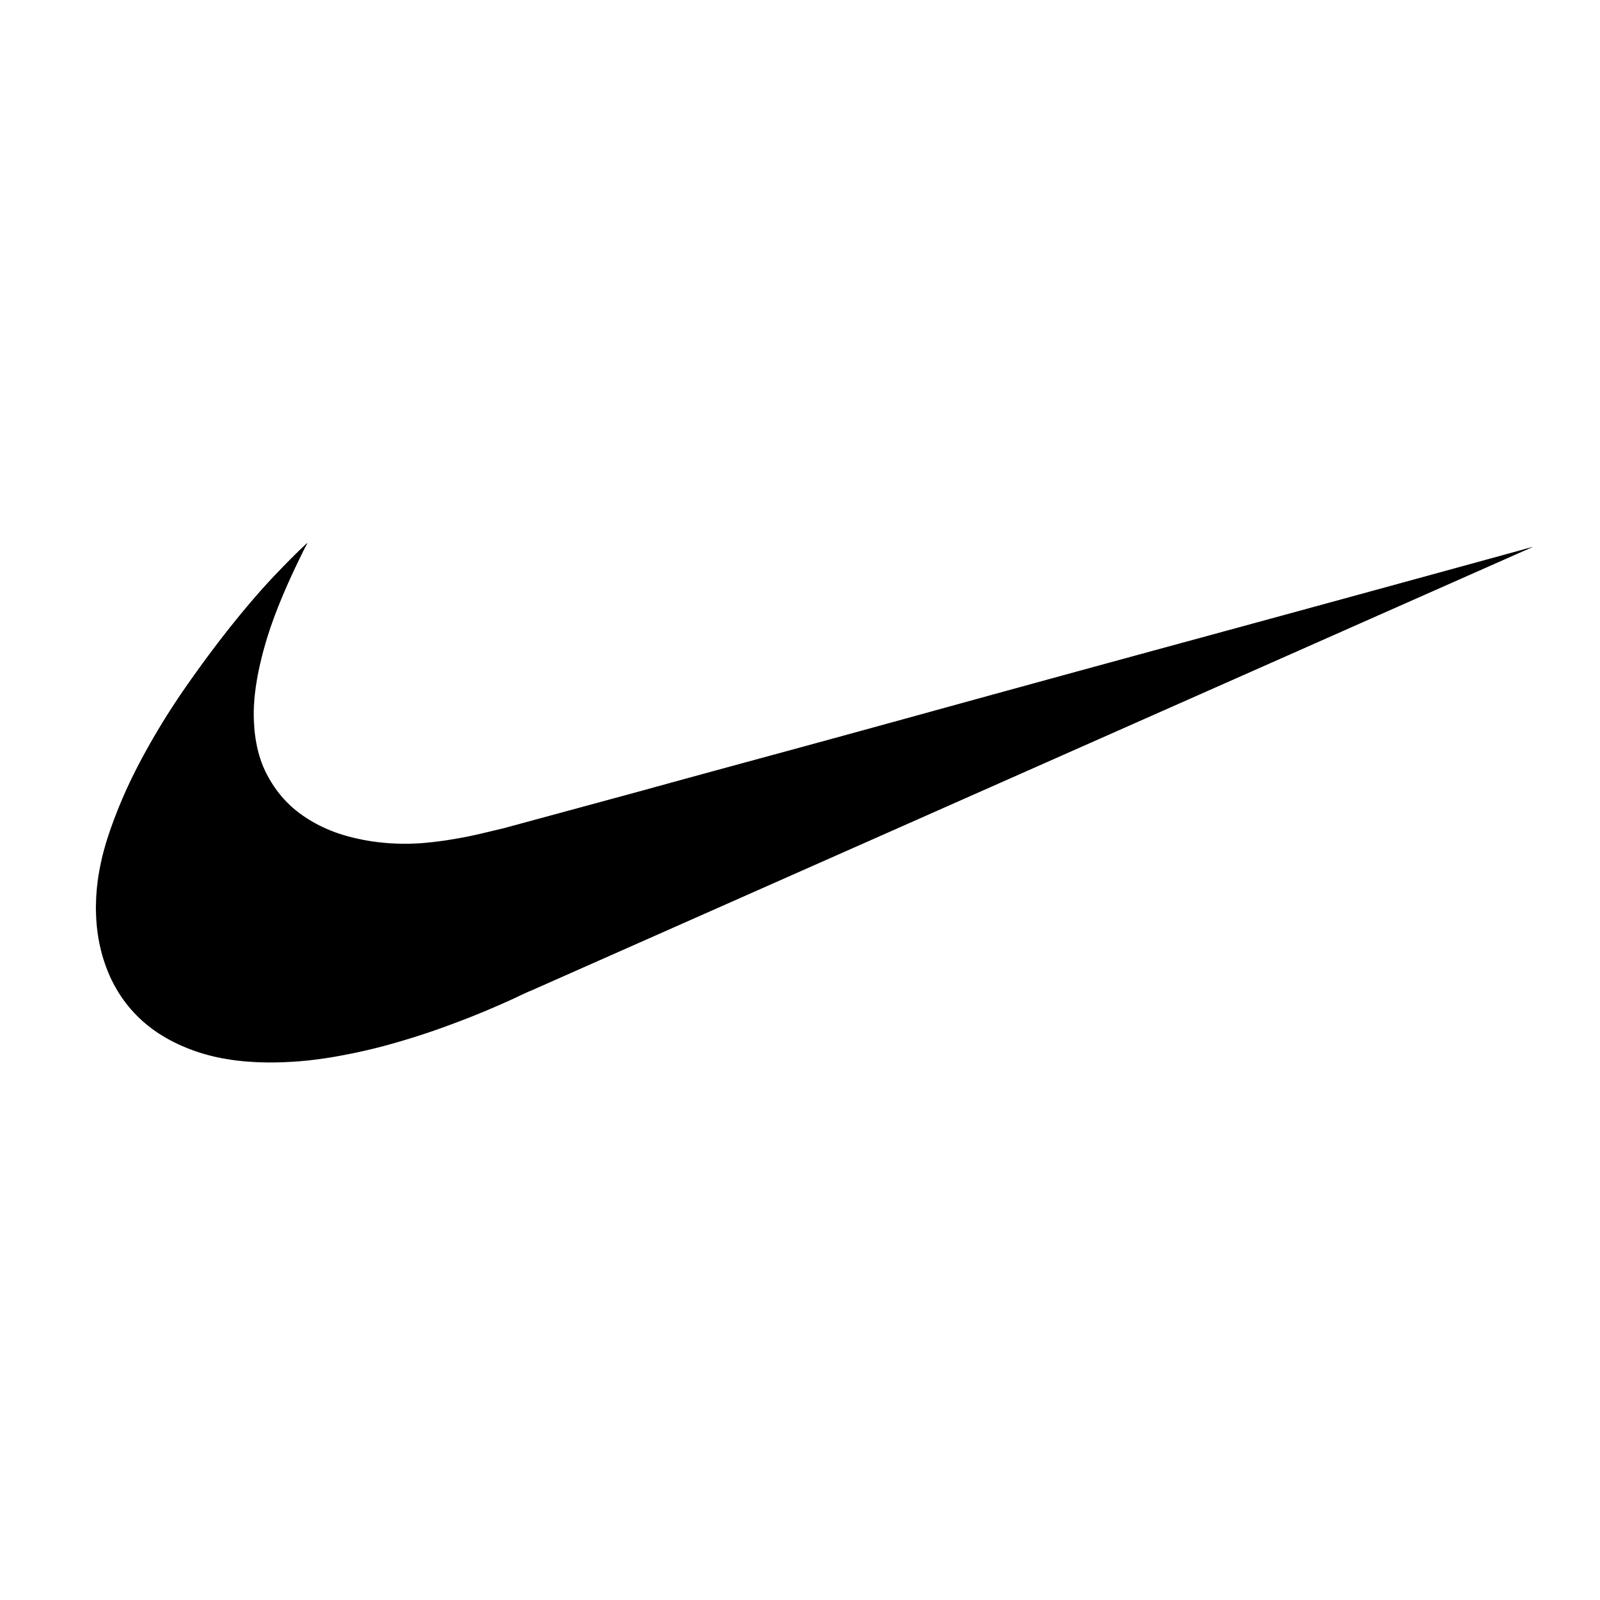 Nike HD PNG - 90911